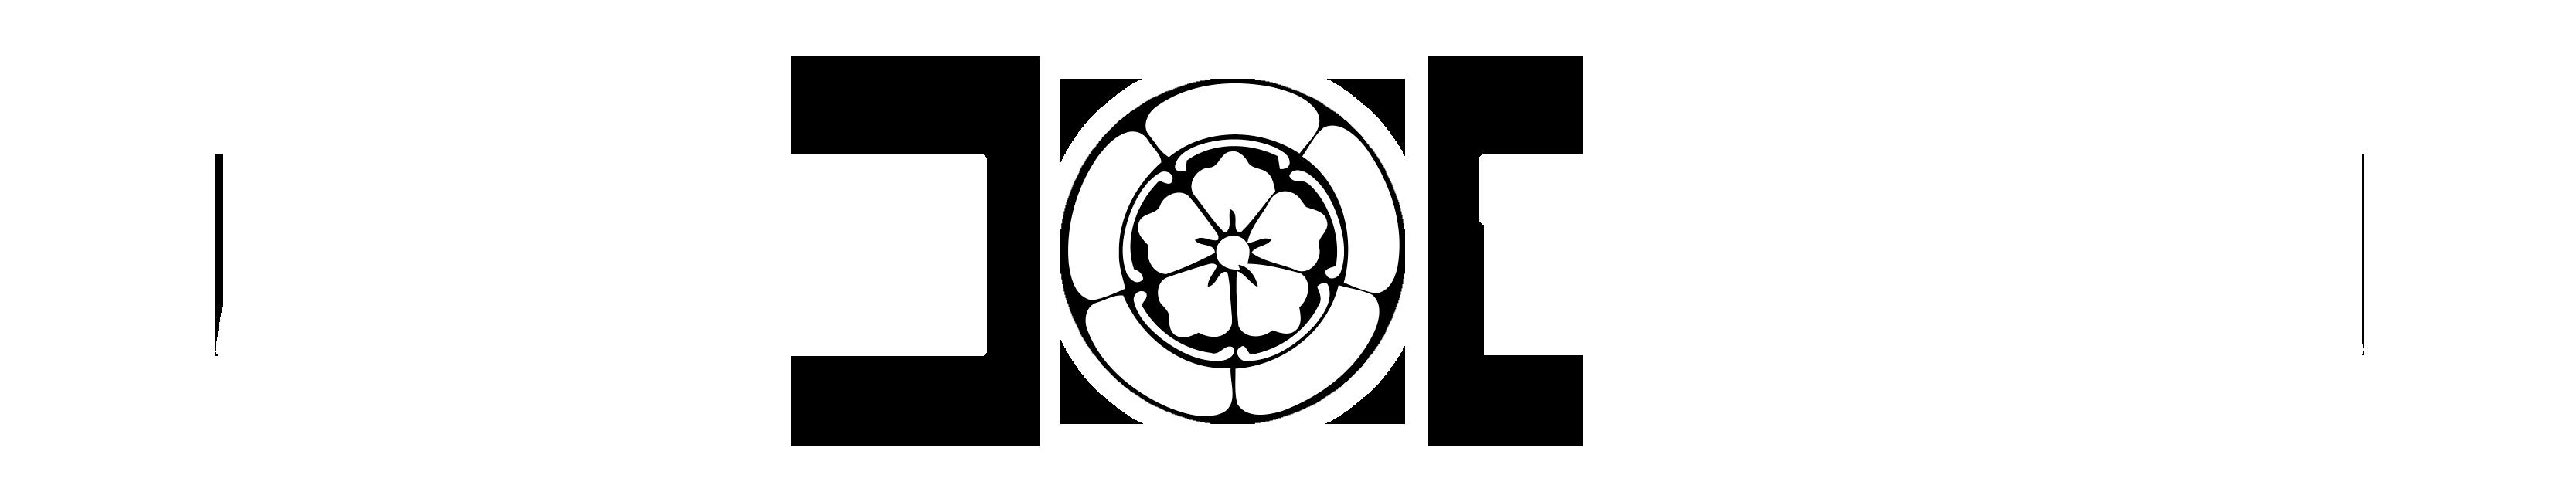 Miki Taka